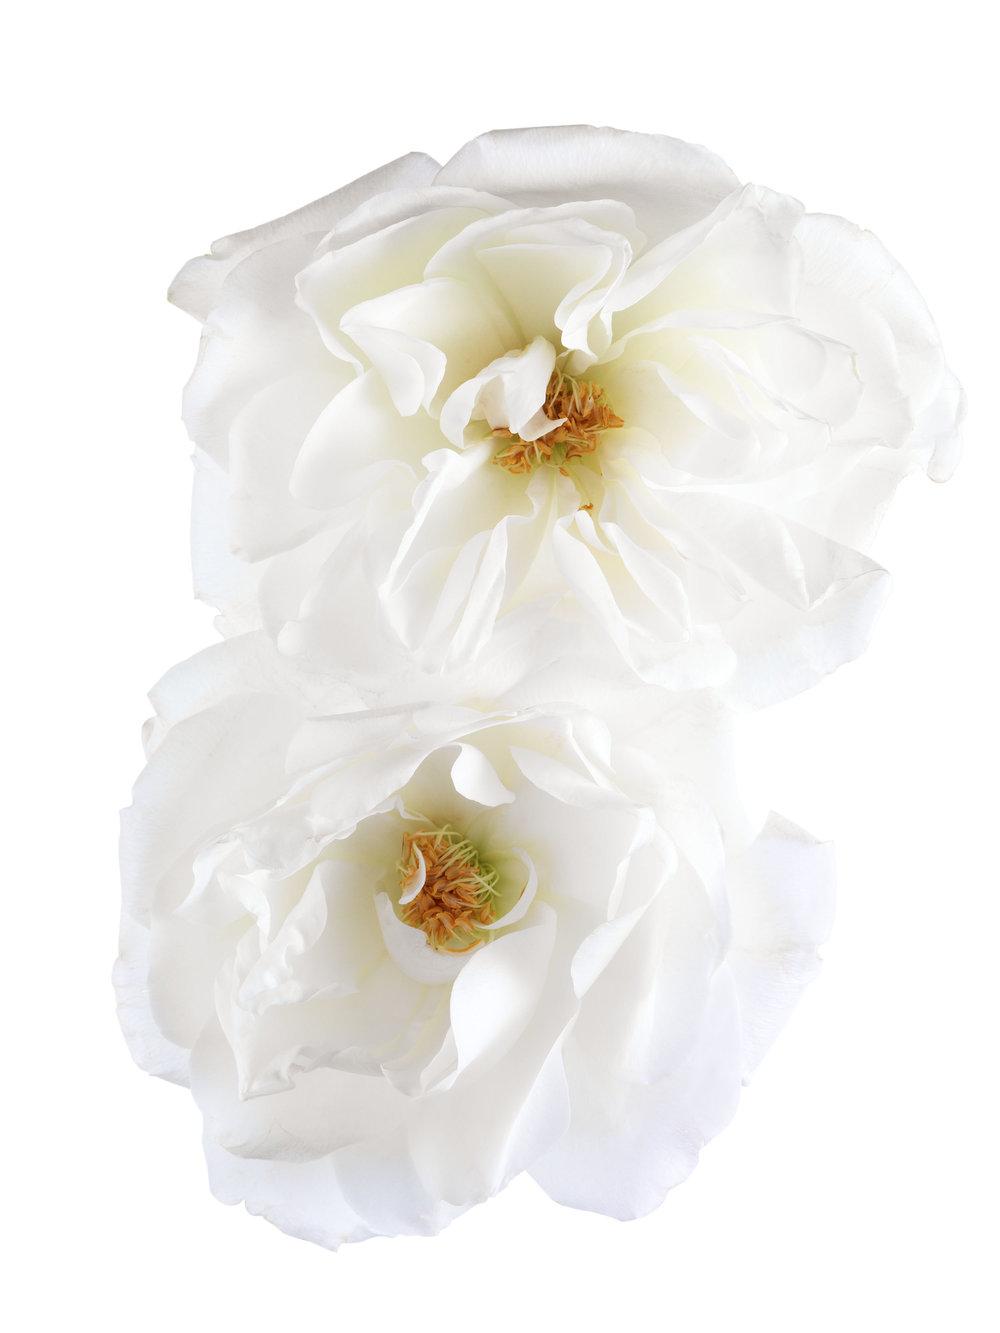 rose_cover_047_S2.jpg